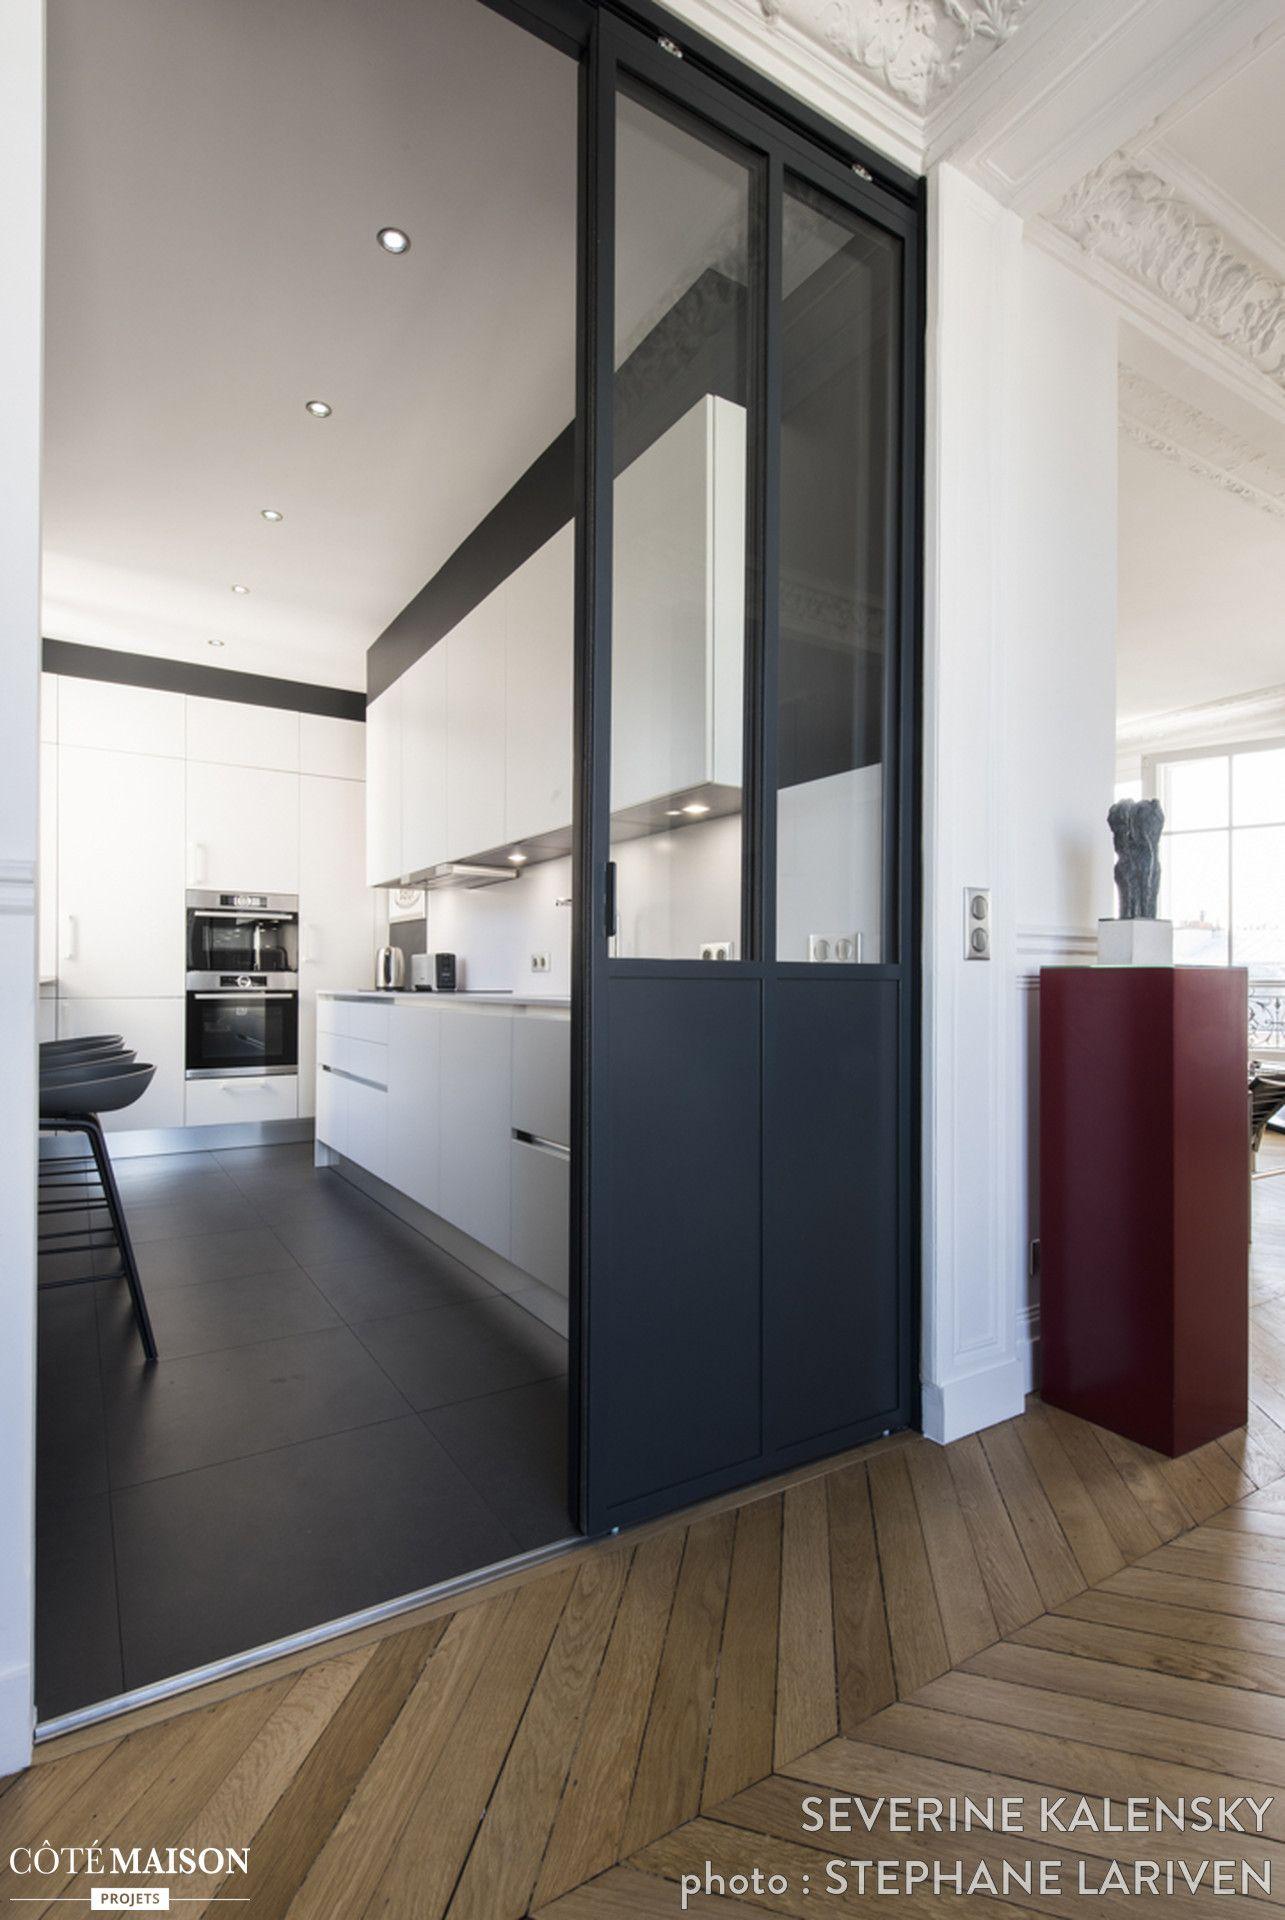 Nouvelle cuisine italienne dans un appartement parisien séverine kalensky côté maison design italien